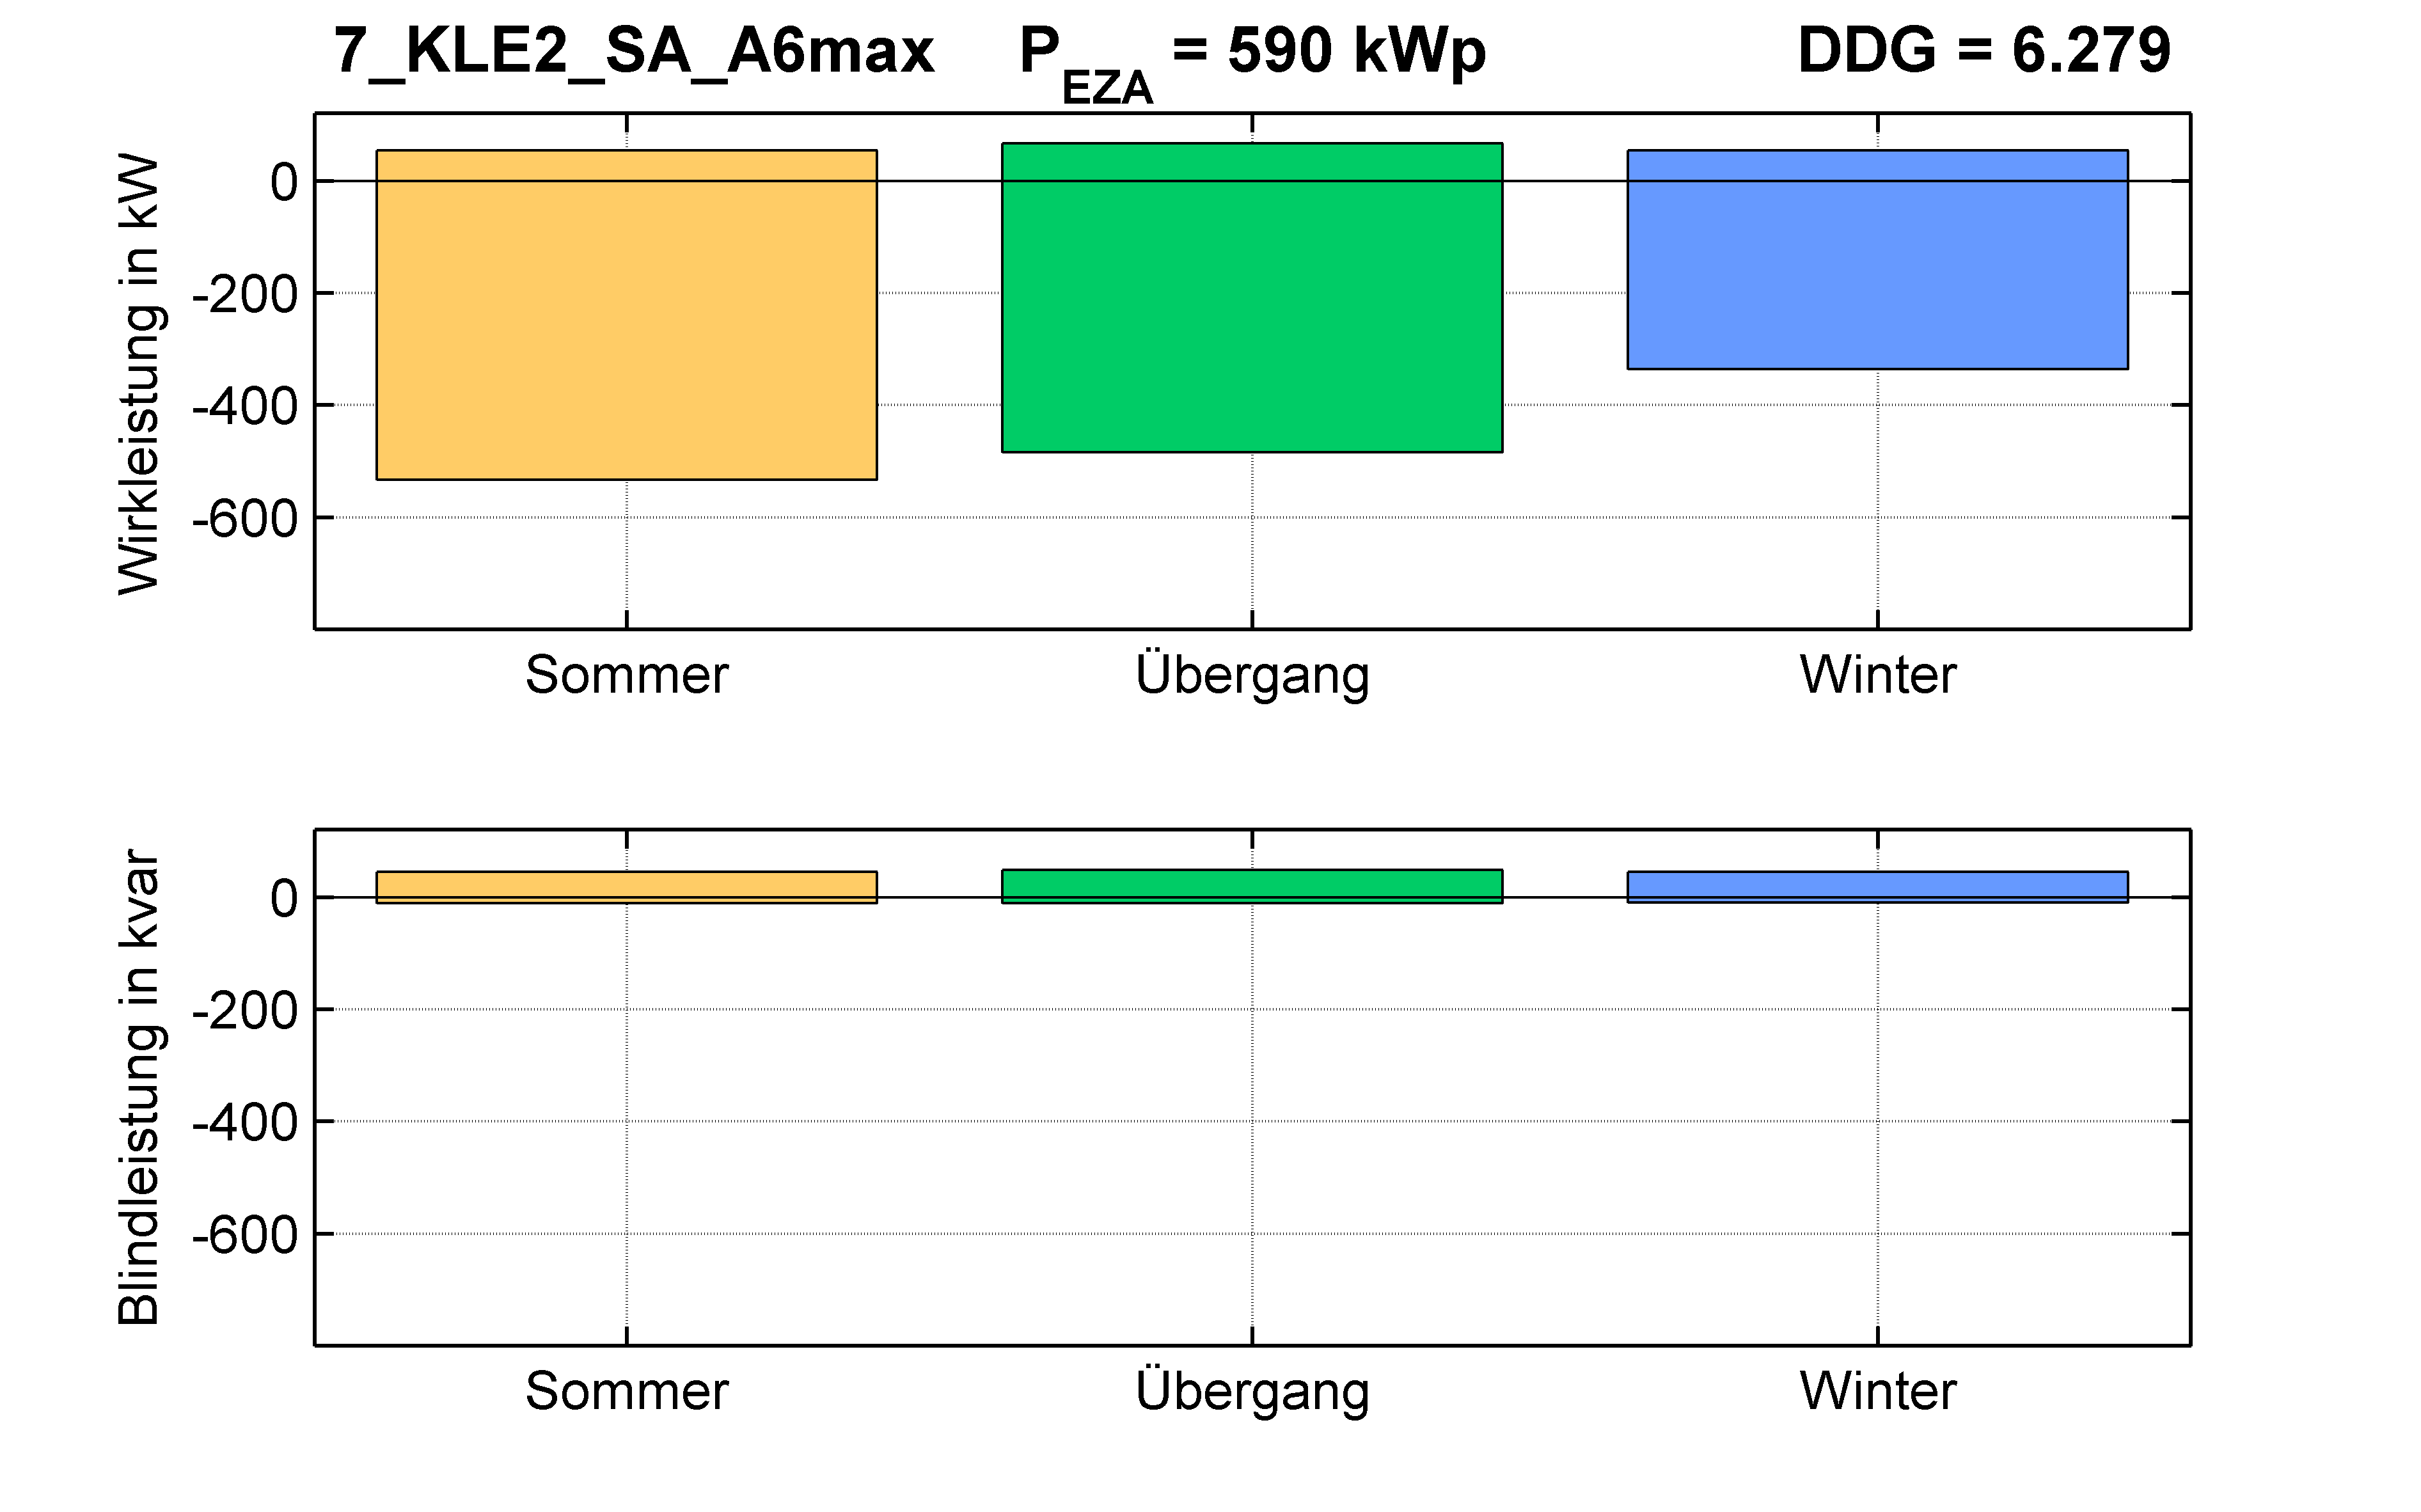 KLE2 | Längsregler (SA) A6max | PQ-Bilanz